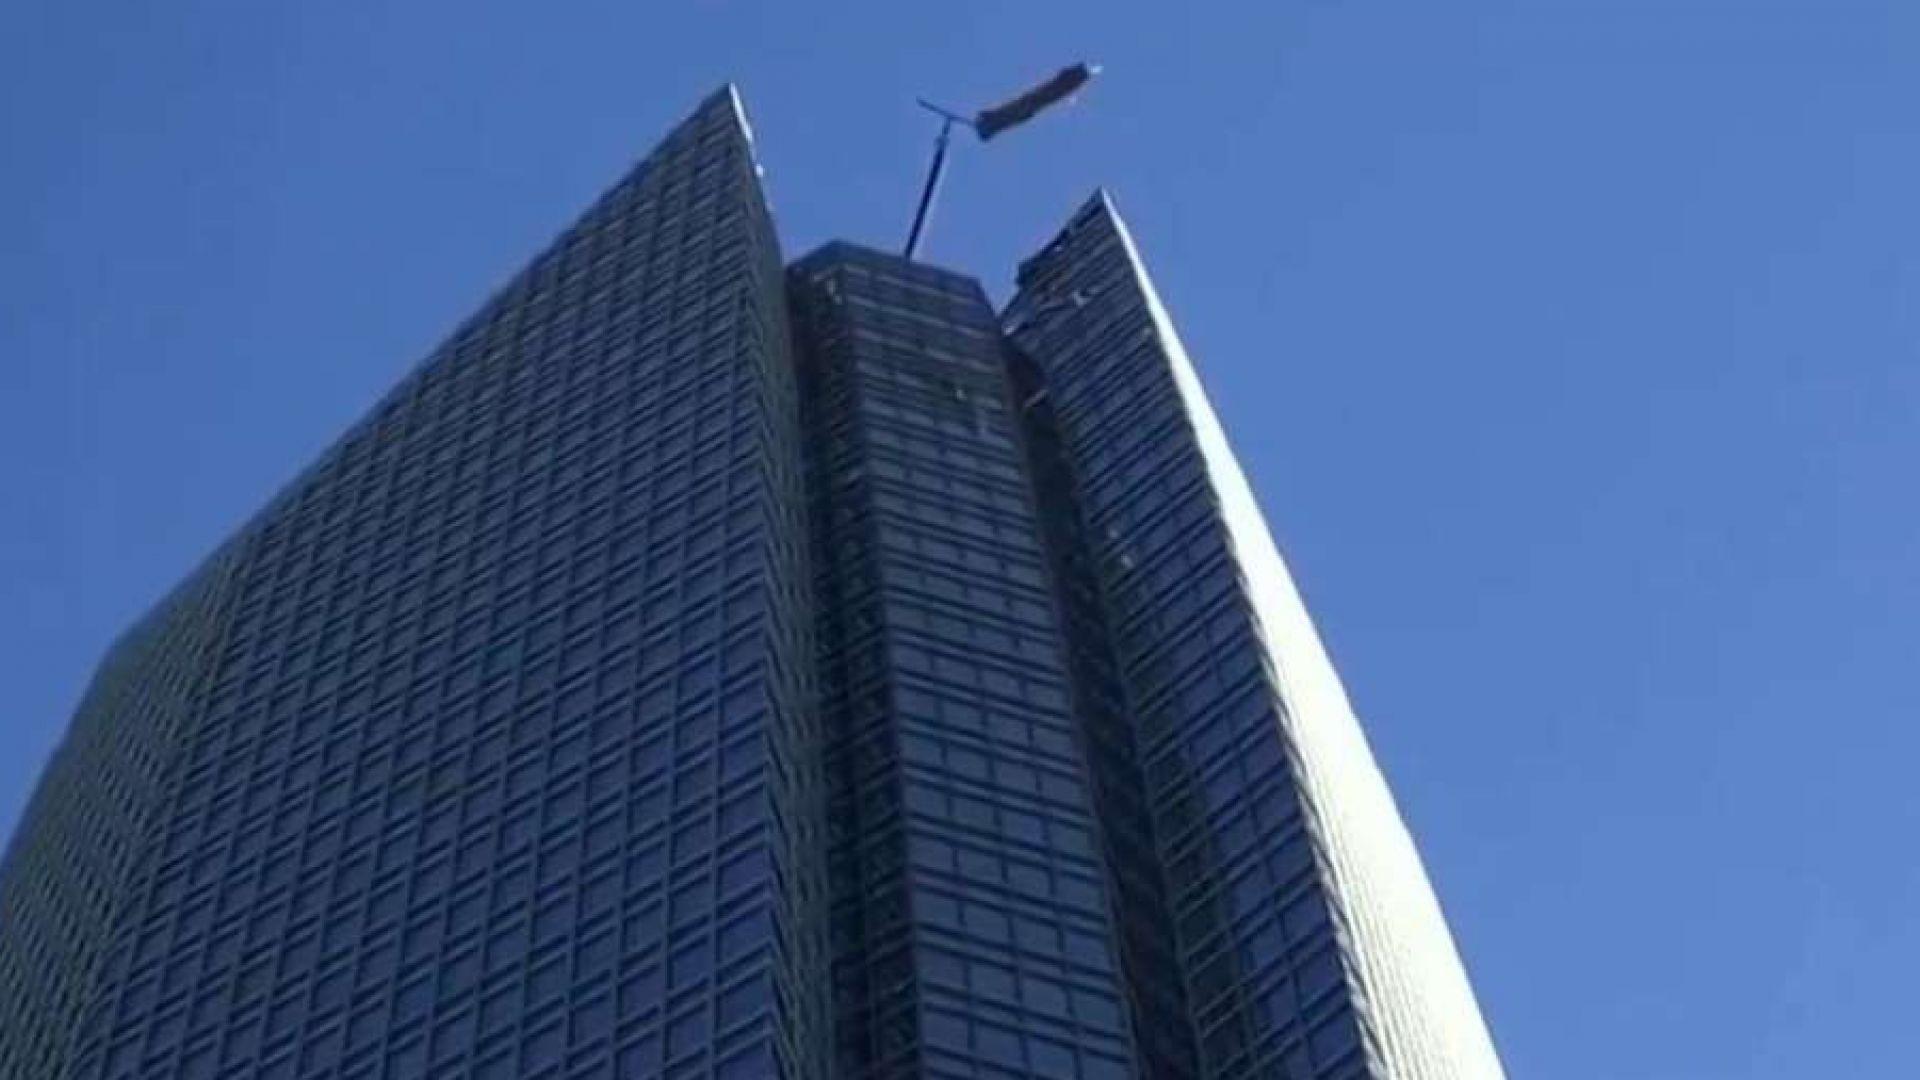 Вятър едва не уби миячи на прозорци на покрива на небостъргач (видео)